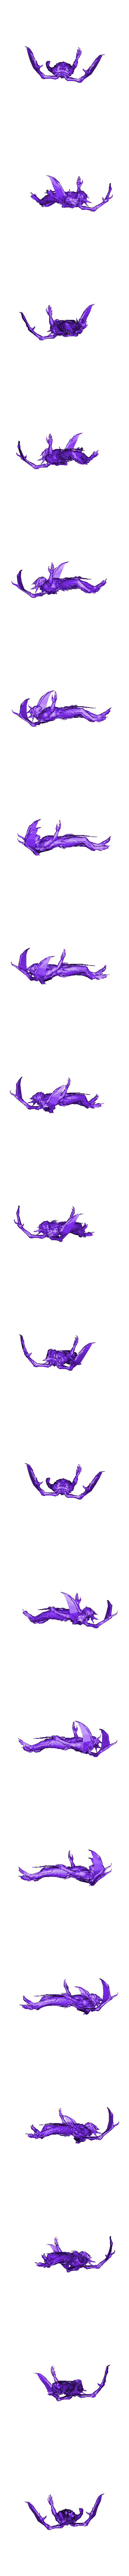 Vampire.stl Download free STL file High Vampire • 3D print model, Boris3dStudio